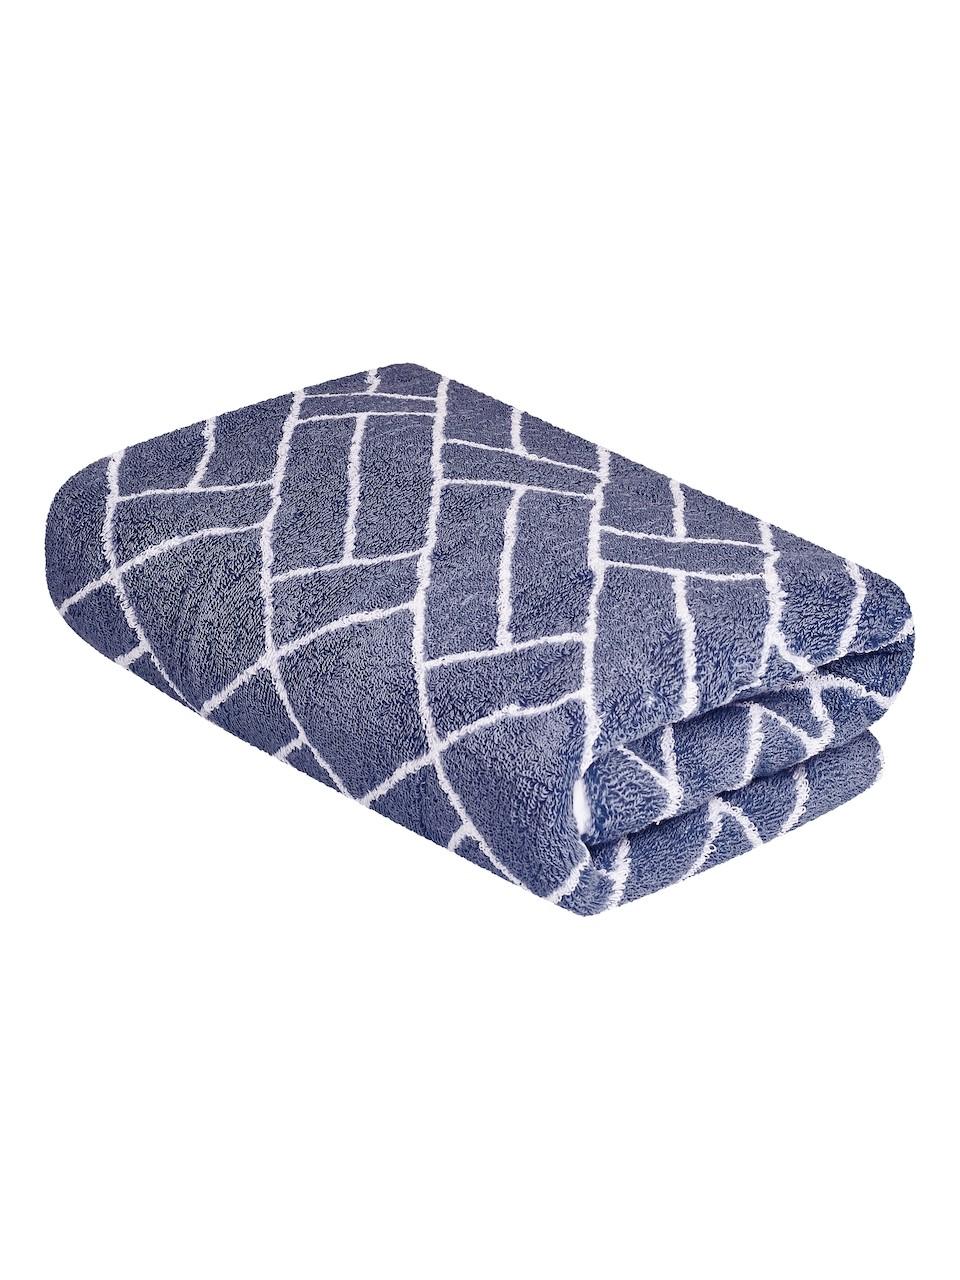 Vícebarevná osuška FRH145 Šedo-modrá